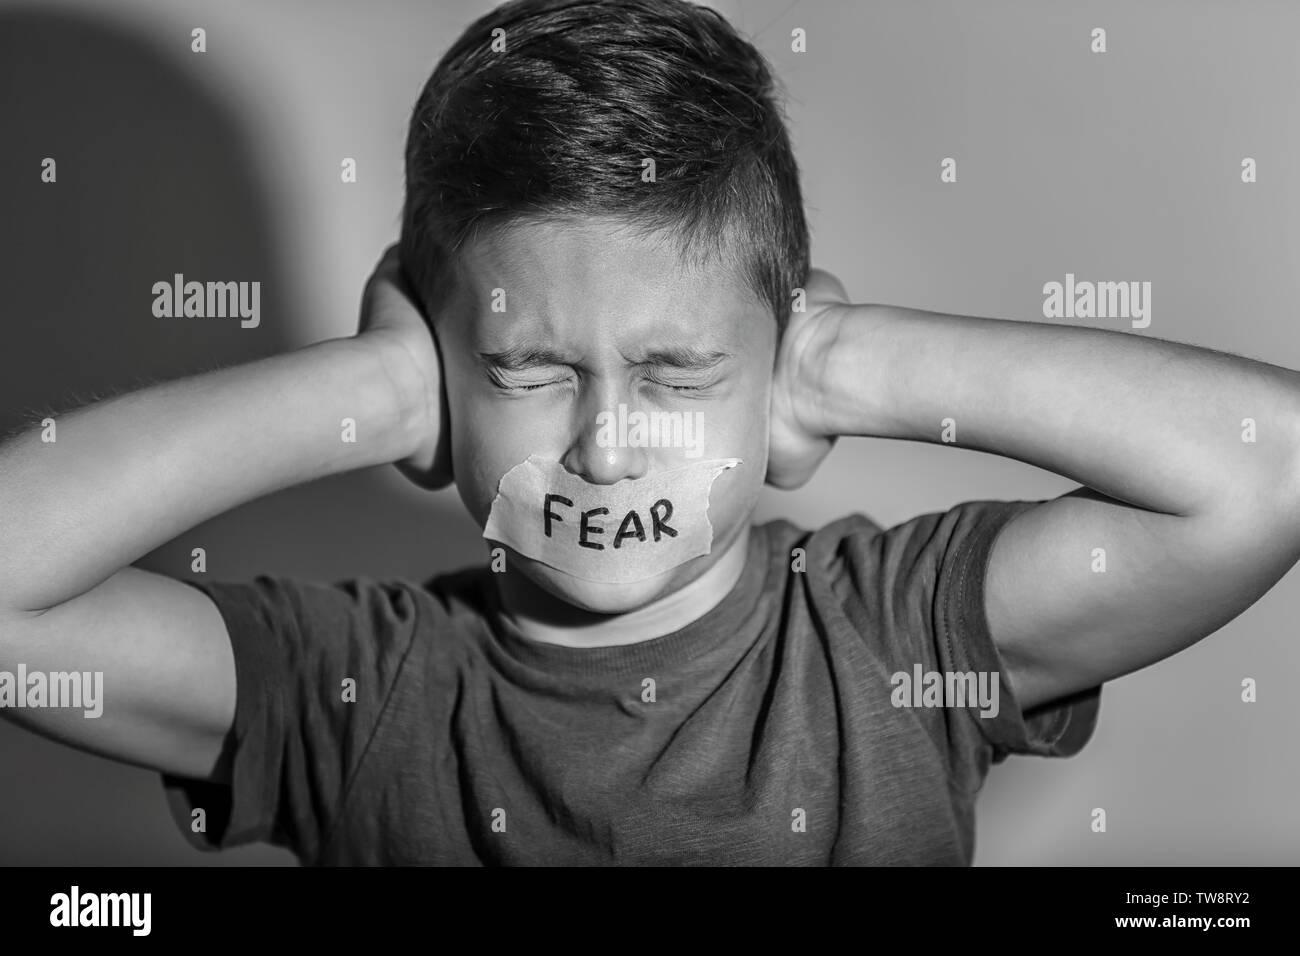 """Traurig kleiner Junge mit Getapten Mund und das Wort """"Angst"""" auf grauem Hintergrund, schwarze und weiße Wirkung Stockbild"""